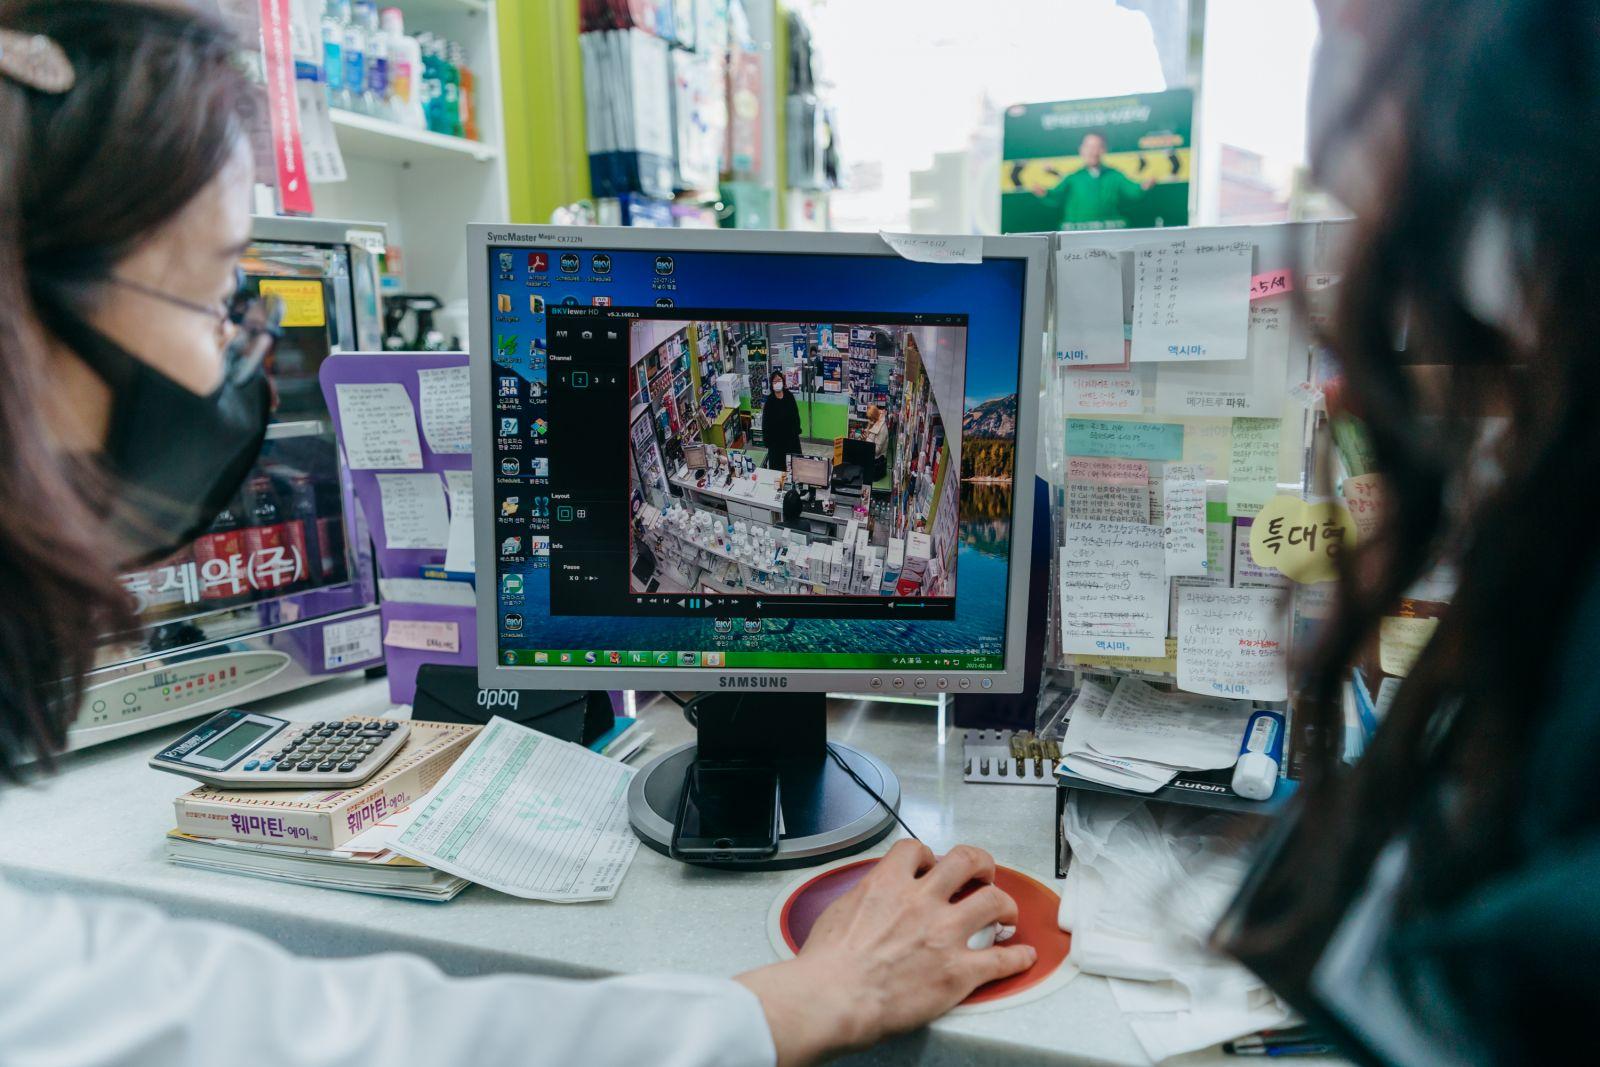 Những cán bộ làm công tác truy vết ở Hàn Quốc đang xem xét hình ảnh camera của một hiệu thuốc, nơi có một người bị dương tính với COVID-19 ghé thăm trước đó. Ảnh: Vox.com